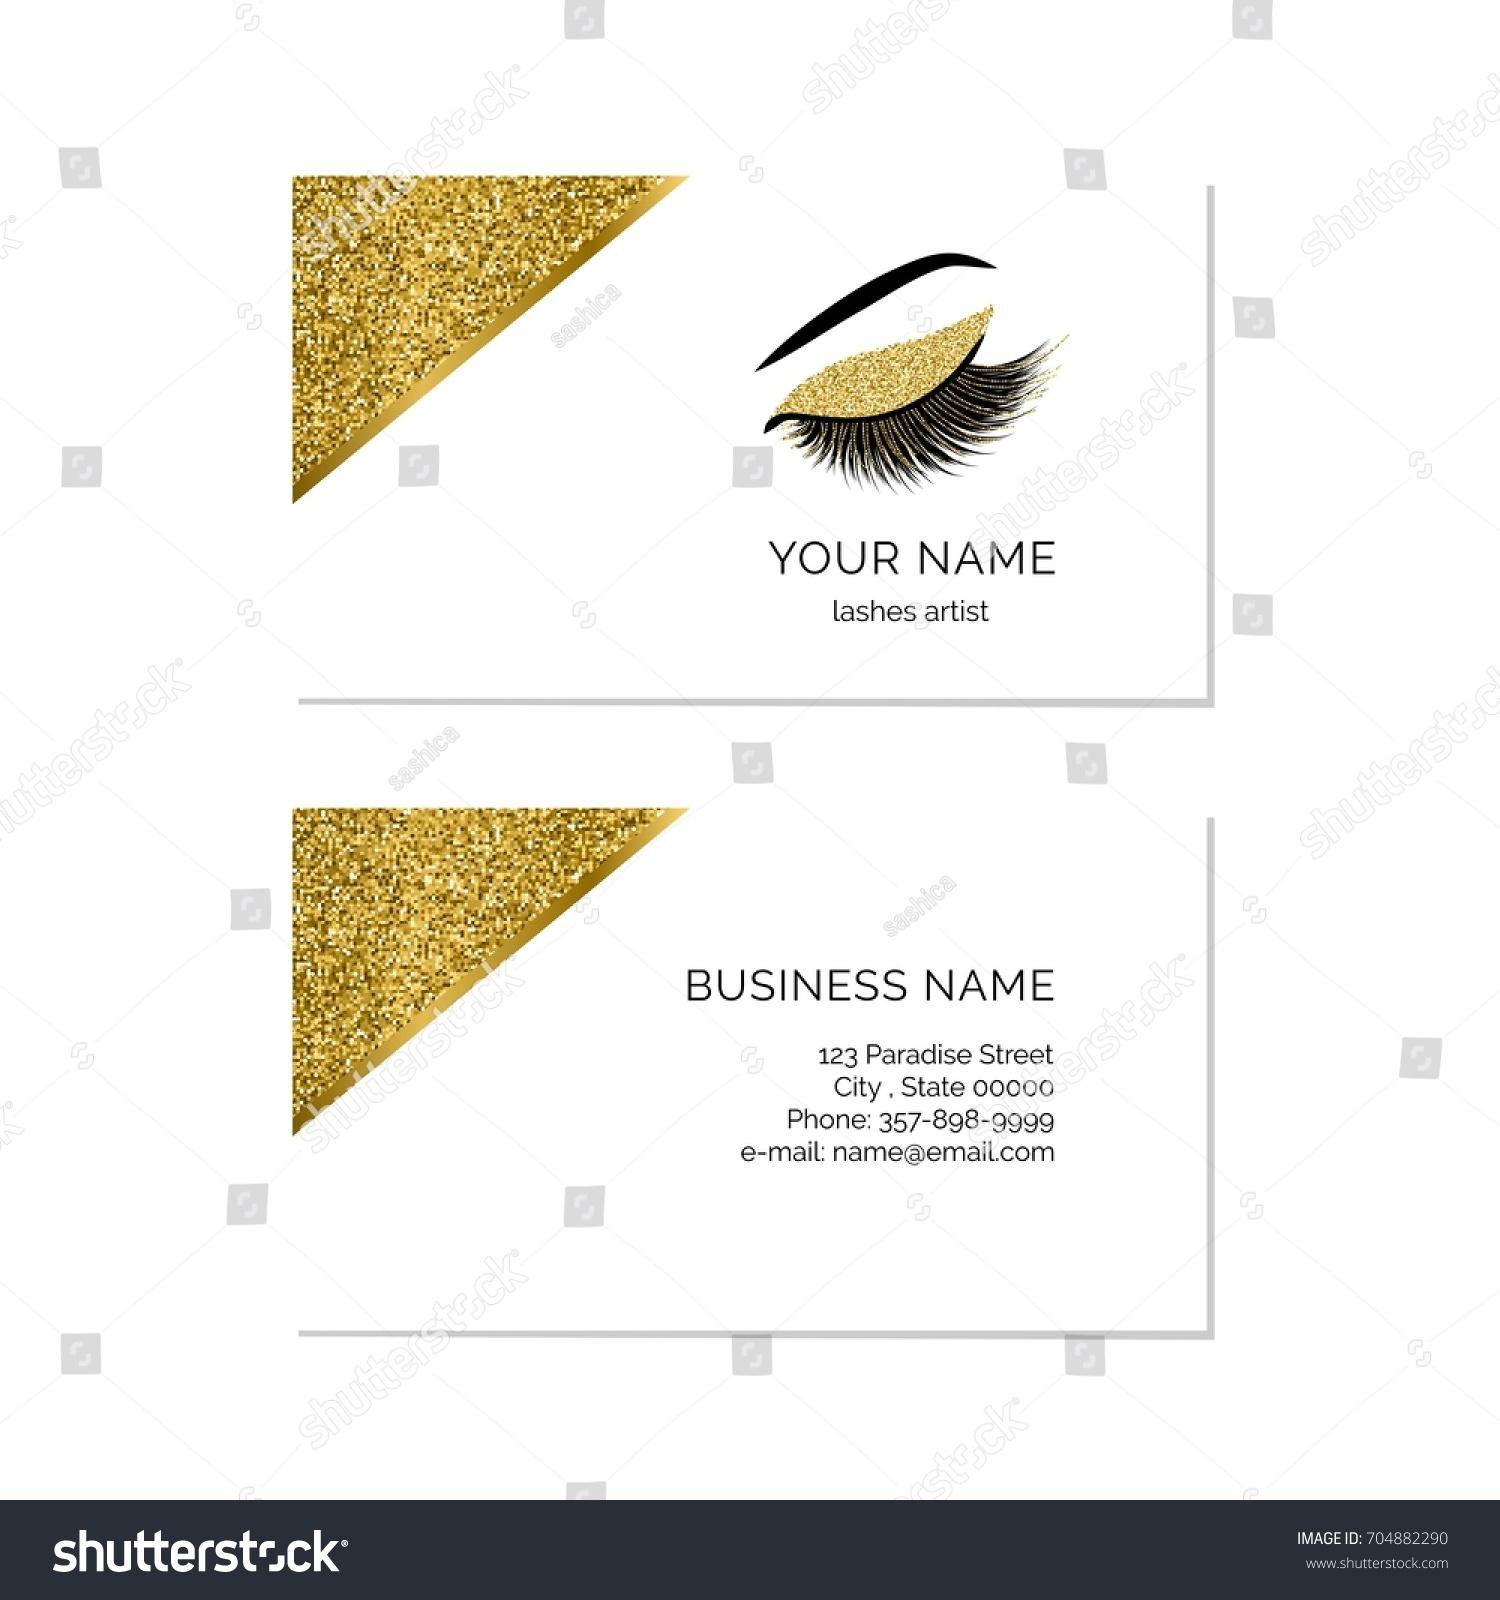 Makeup Artist Business Card Vector Template Stock Vector 704882290 ...